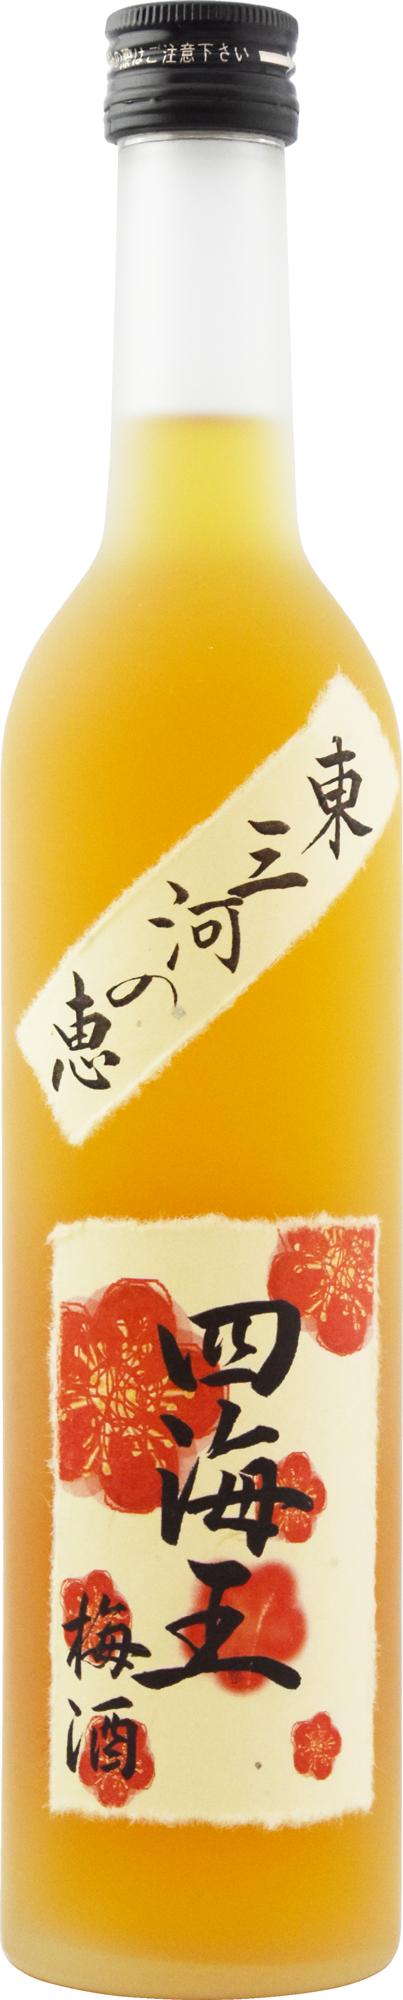 Shikaio plum wine